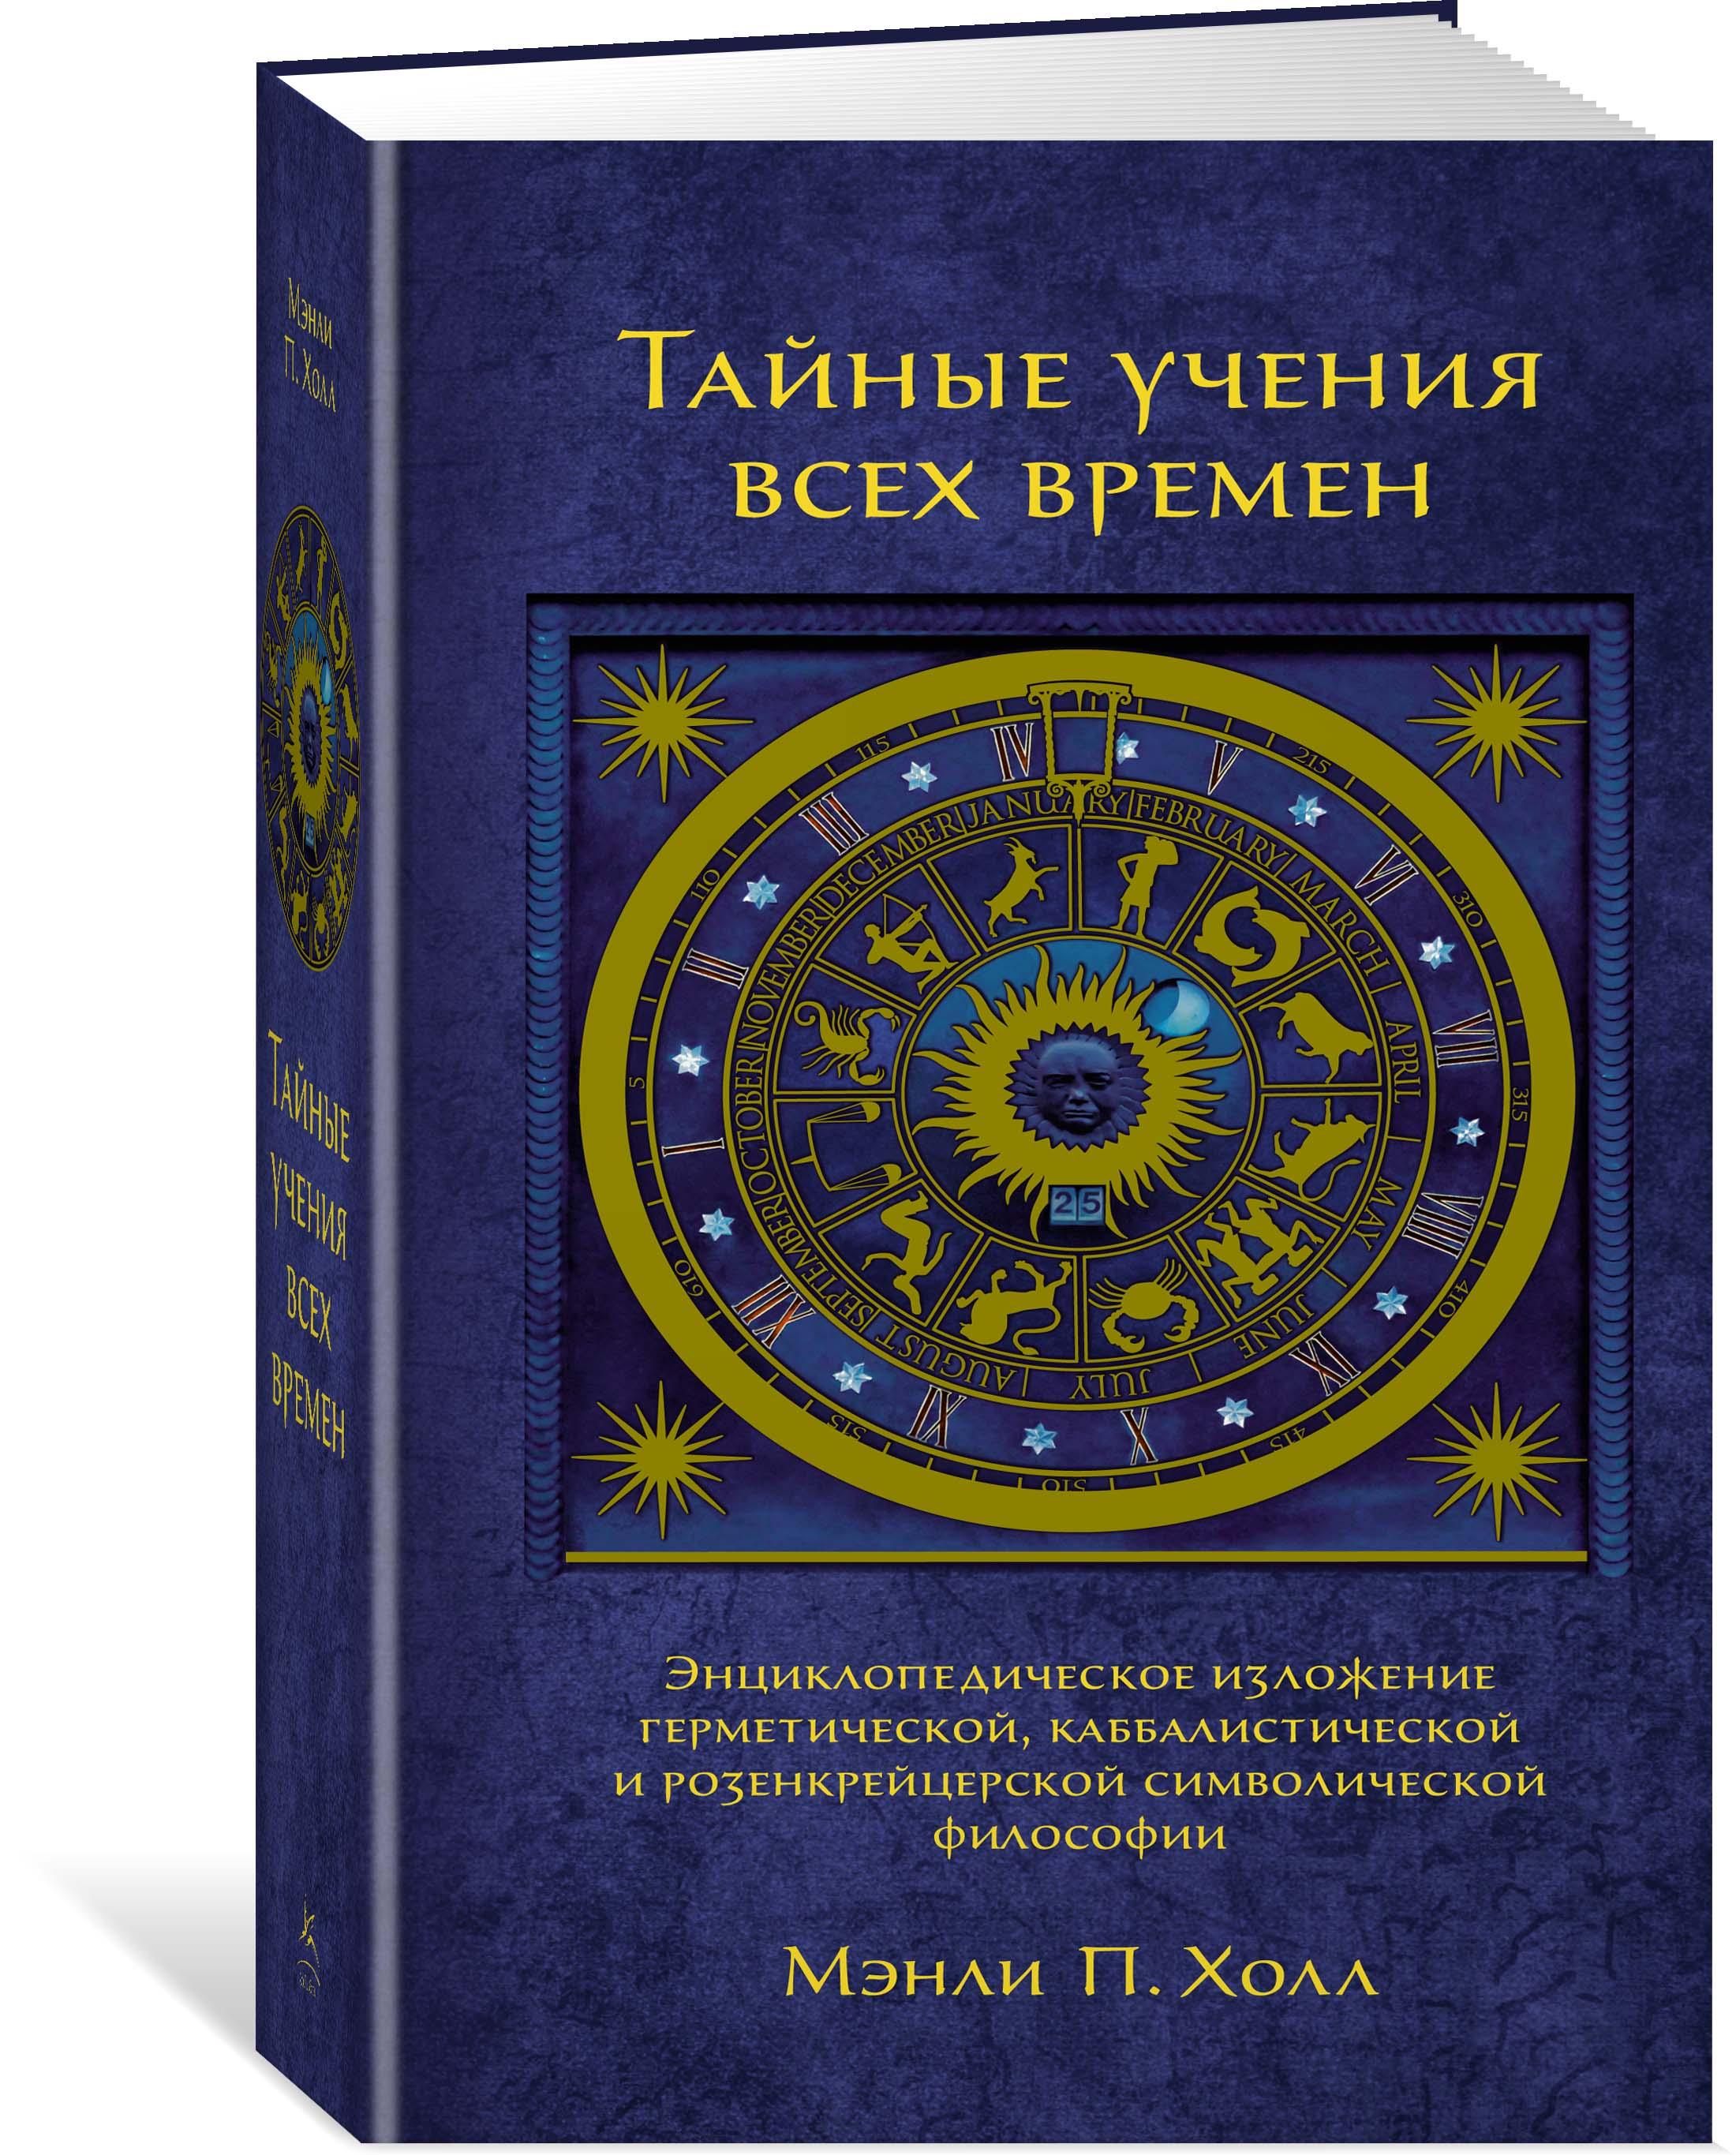 Тайные учения всех времен: Энциклопедическое изложение герметической, каббалистической и розенкрейцерской символической философии. М. П. Холл